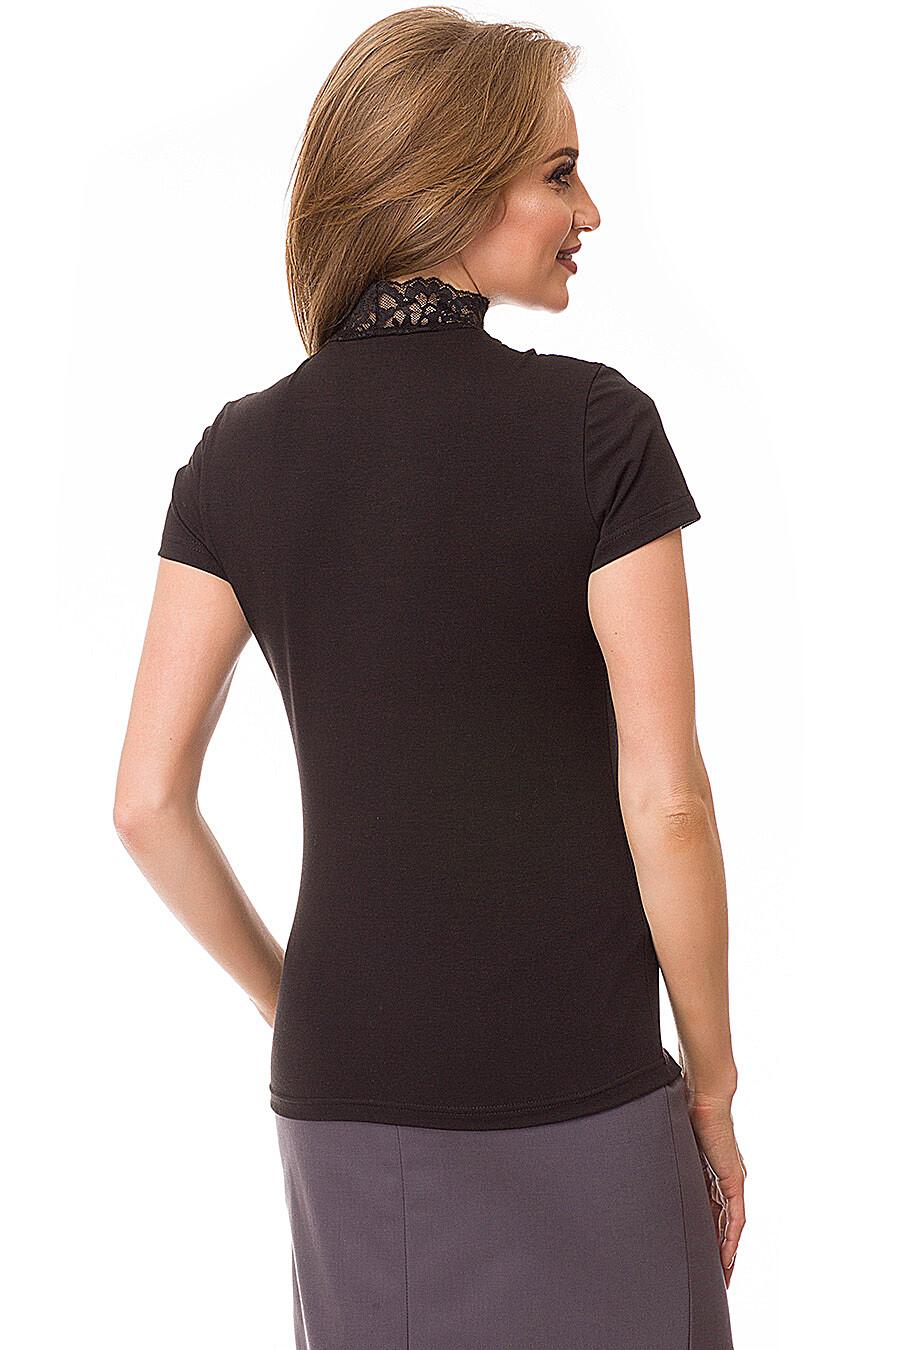 Блузка FOUR STYLES (119754), купить в Moyo.moda